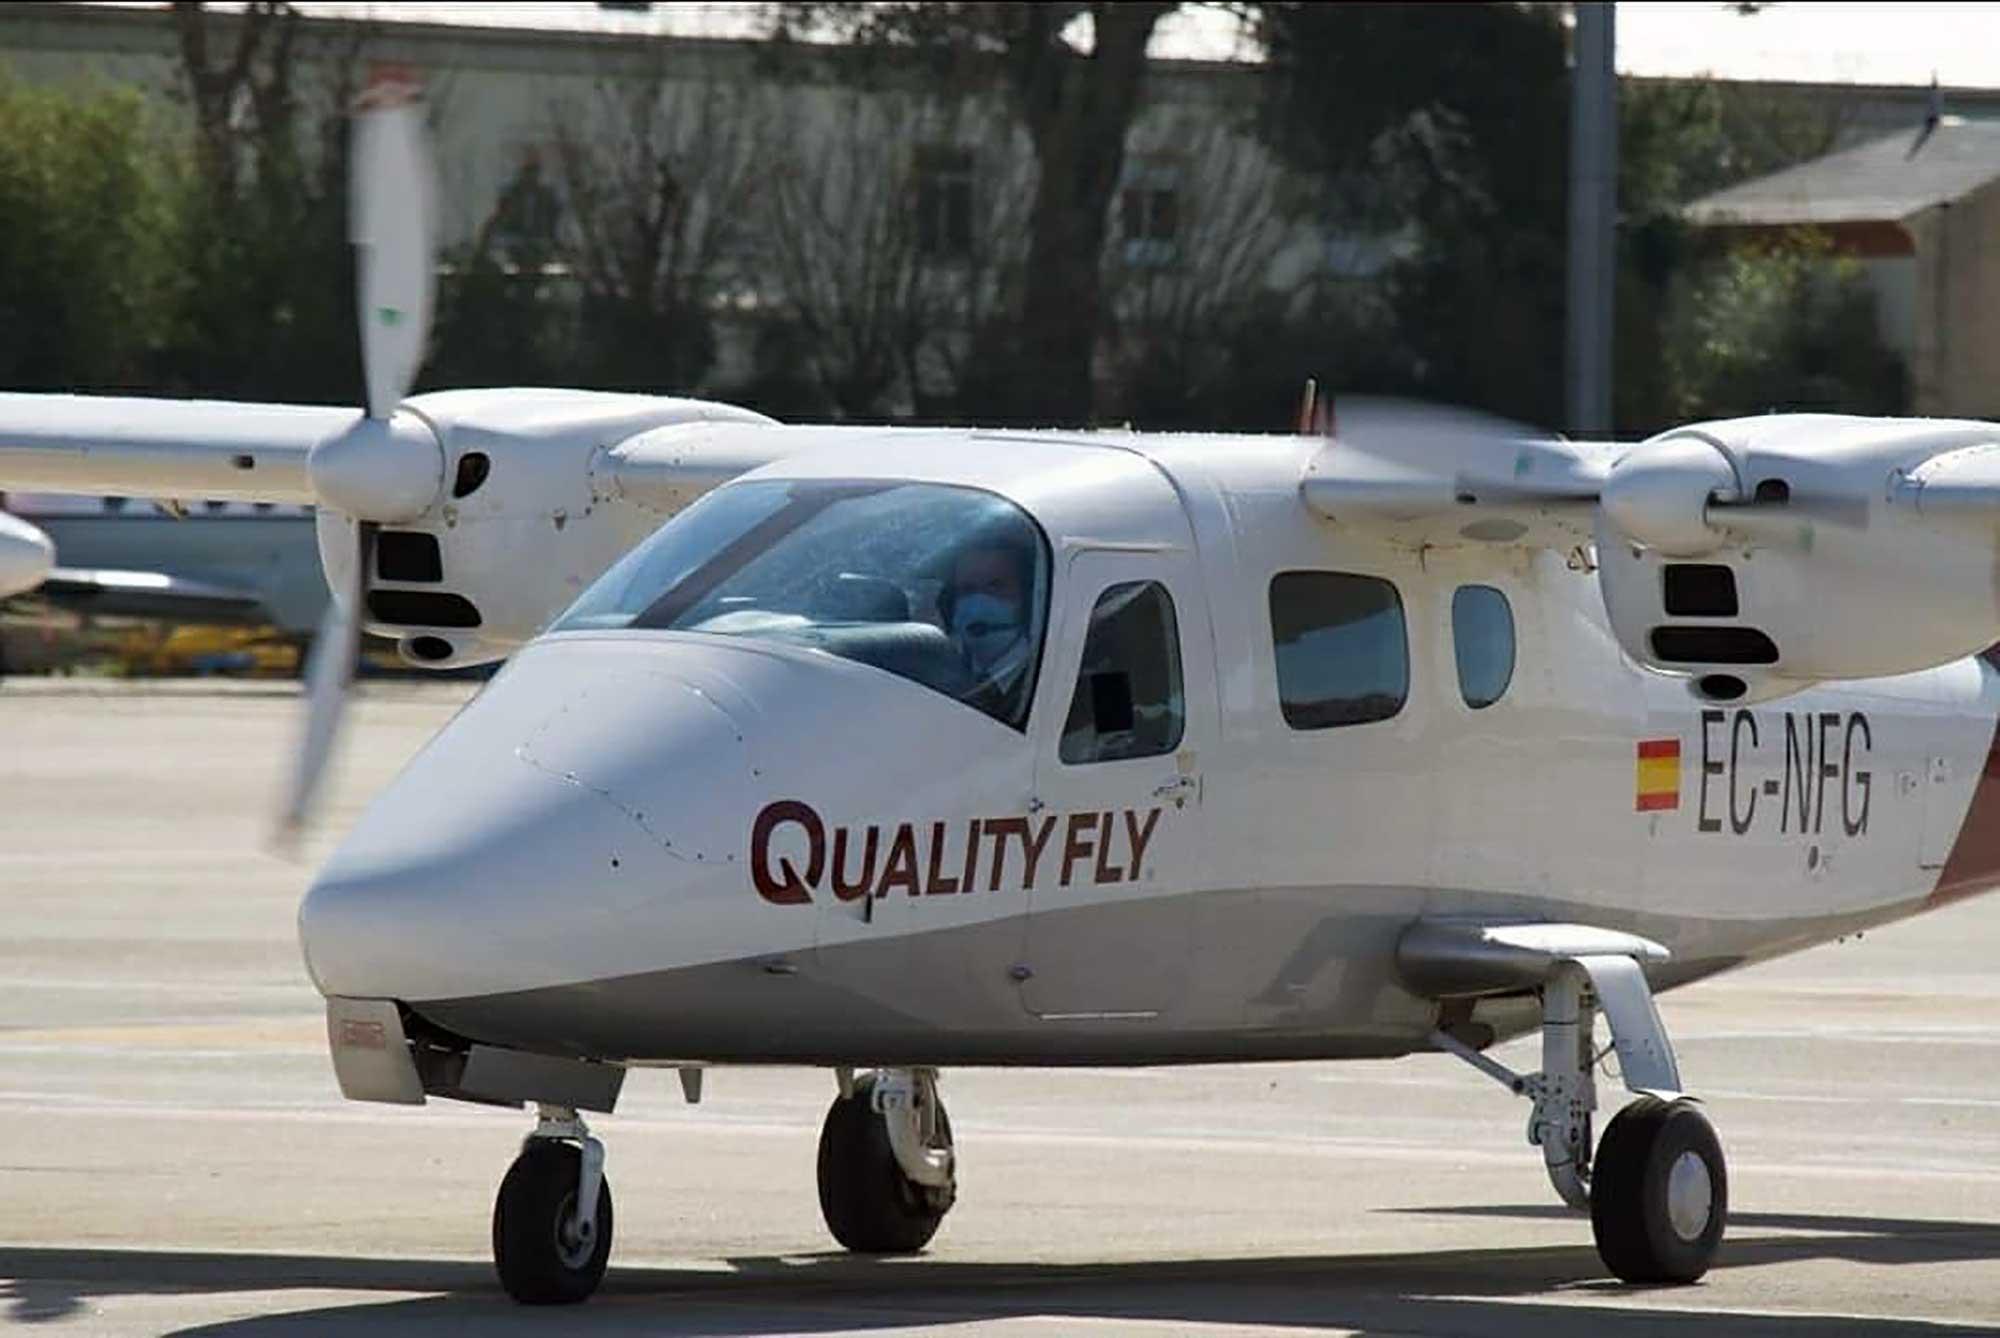 Quality Fly Tecnam twin